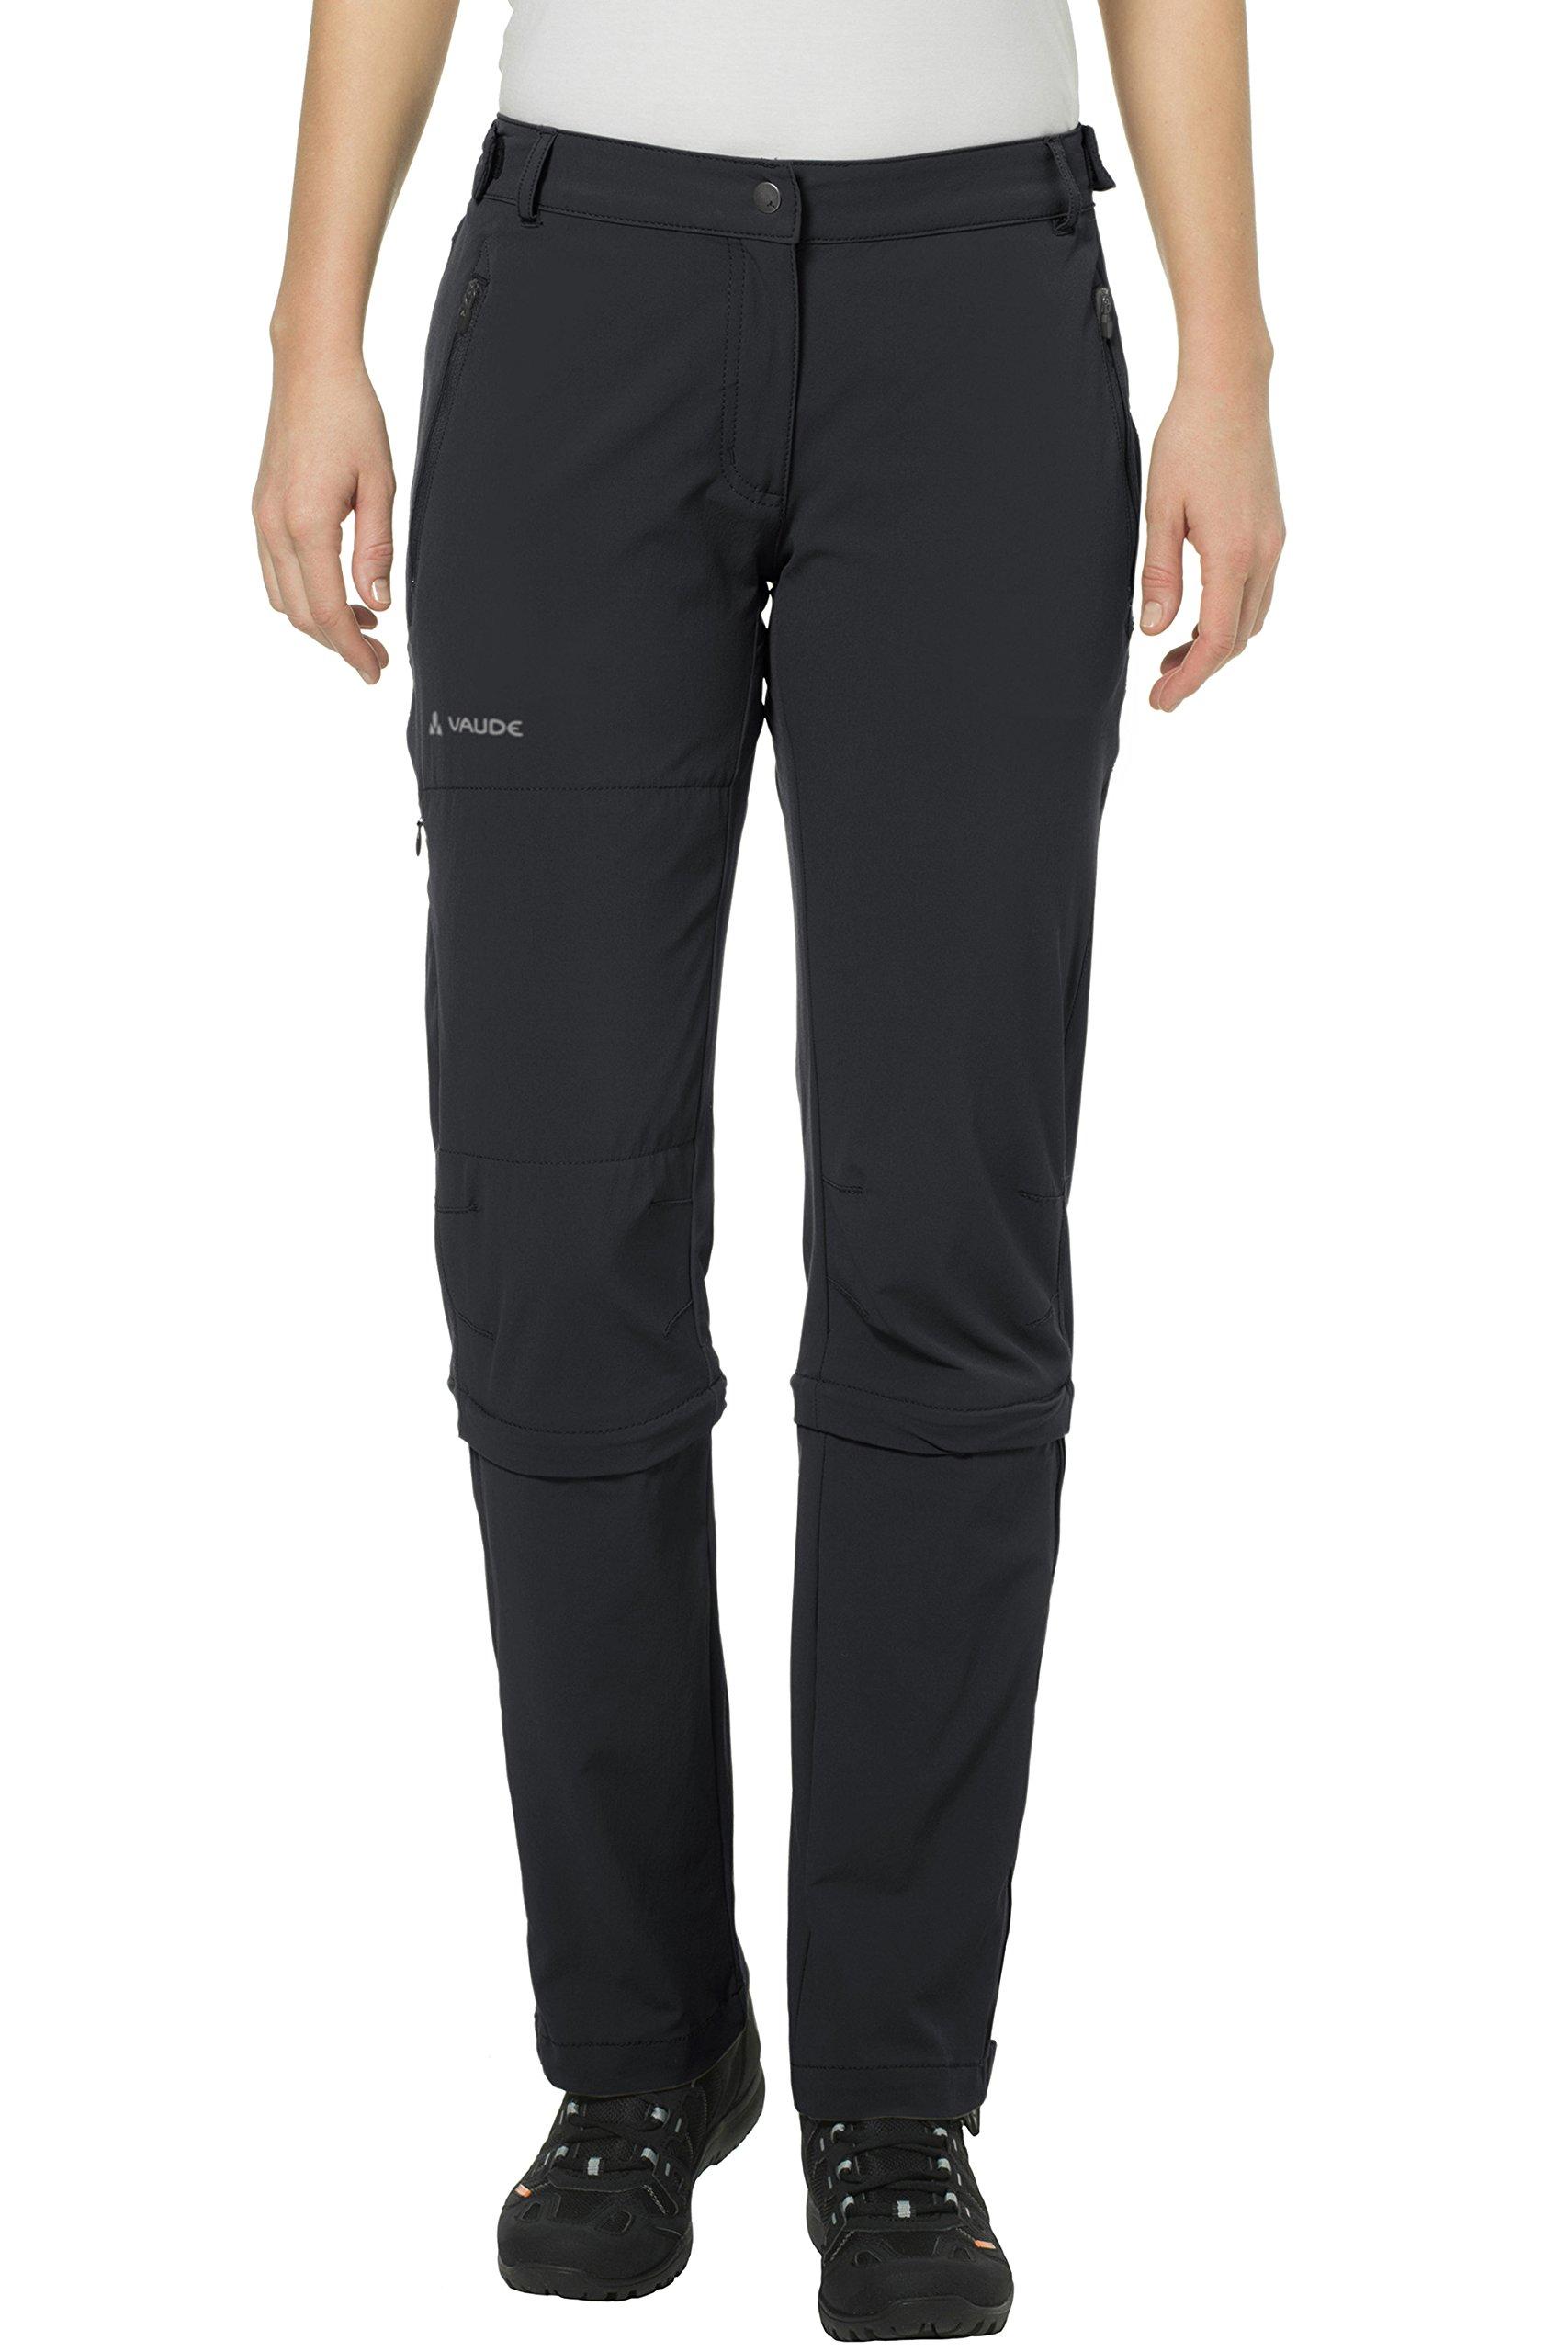 VAUDE Damen Hose Women's Farley Stretch Capri T-Zip II, Black, 36, 045770100360